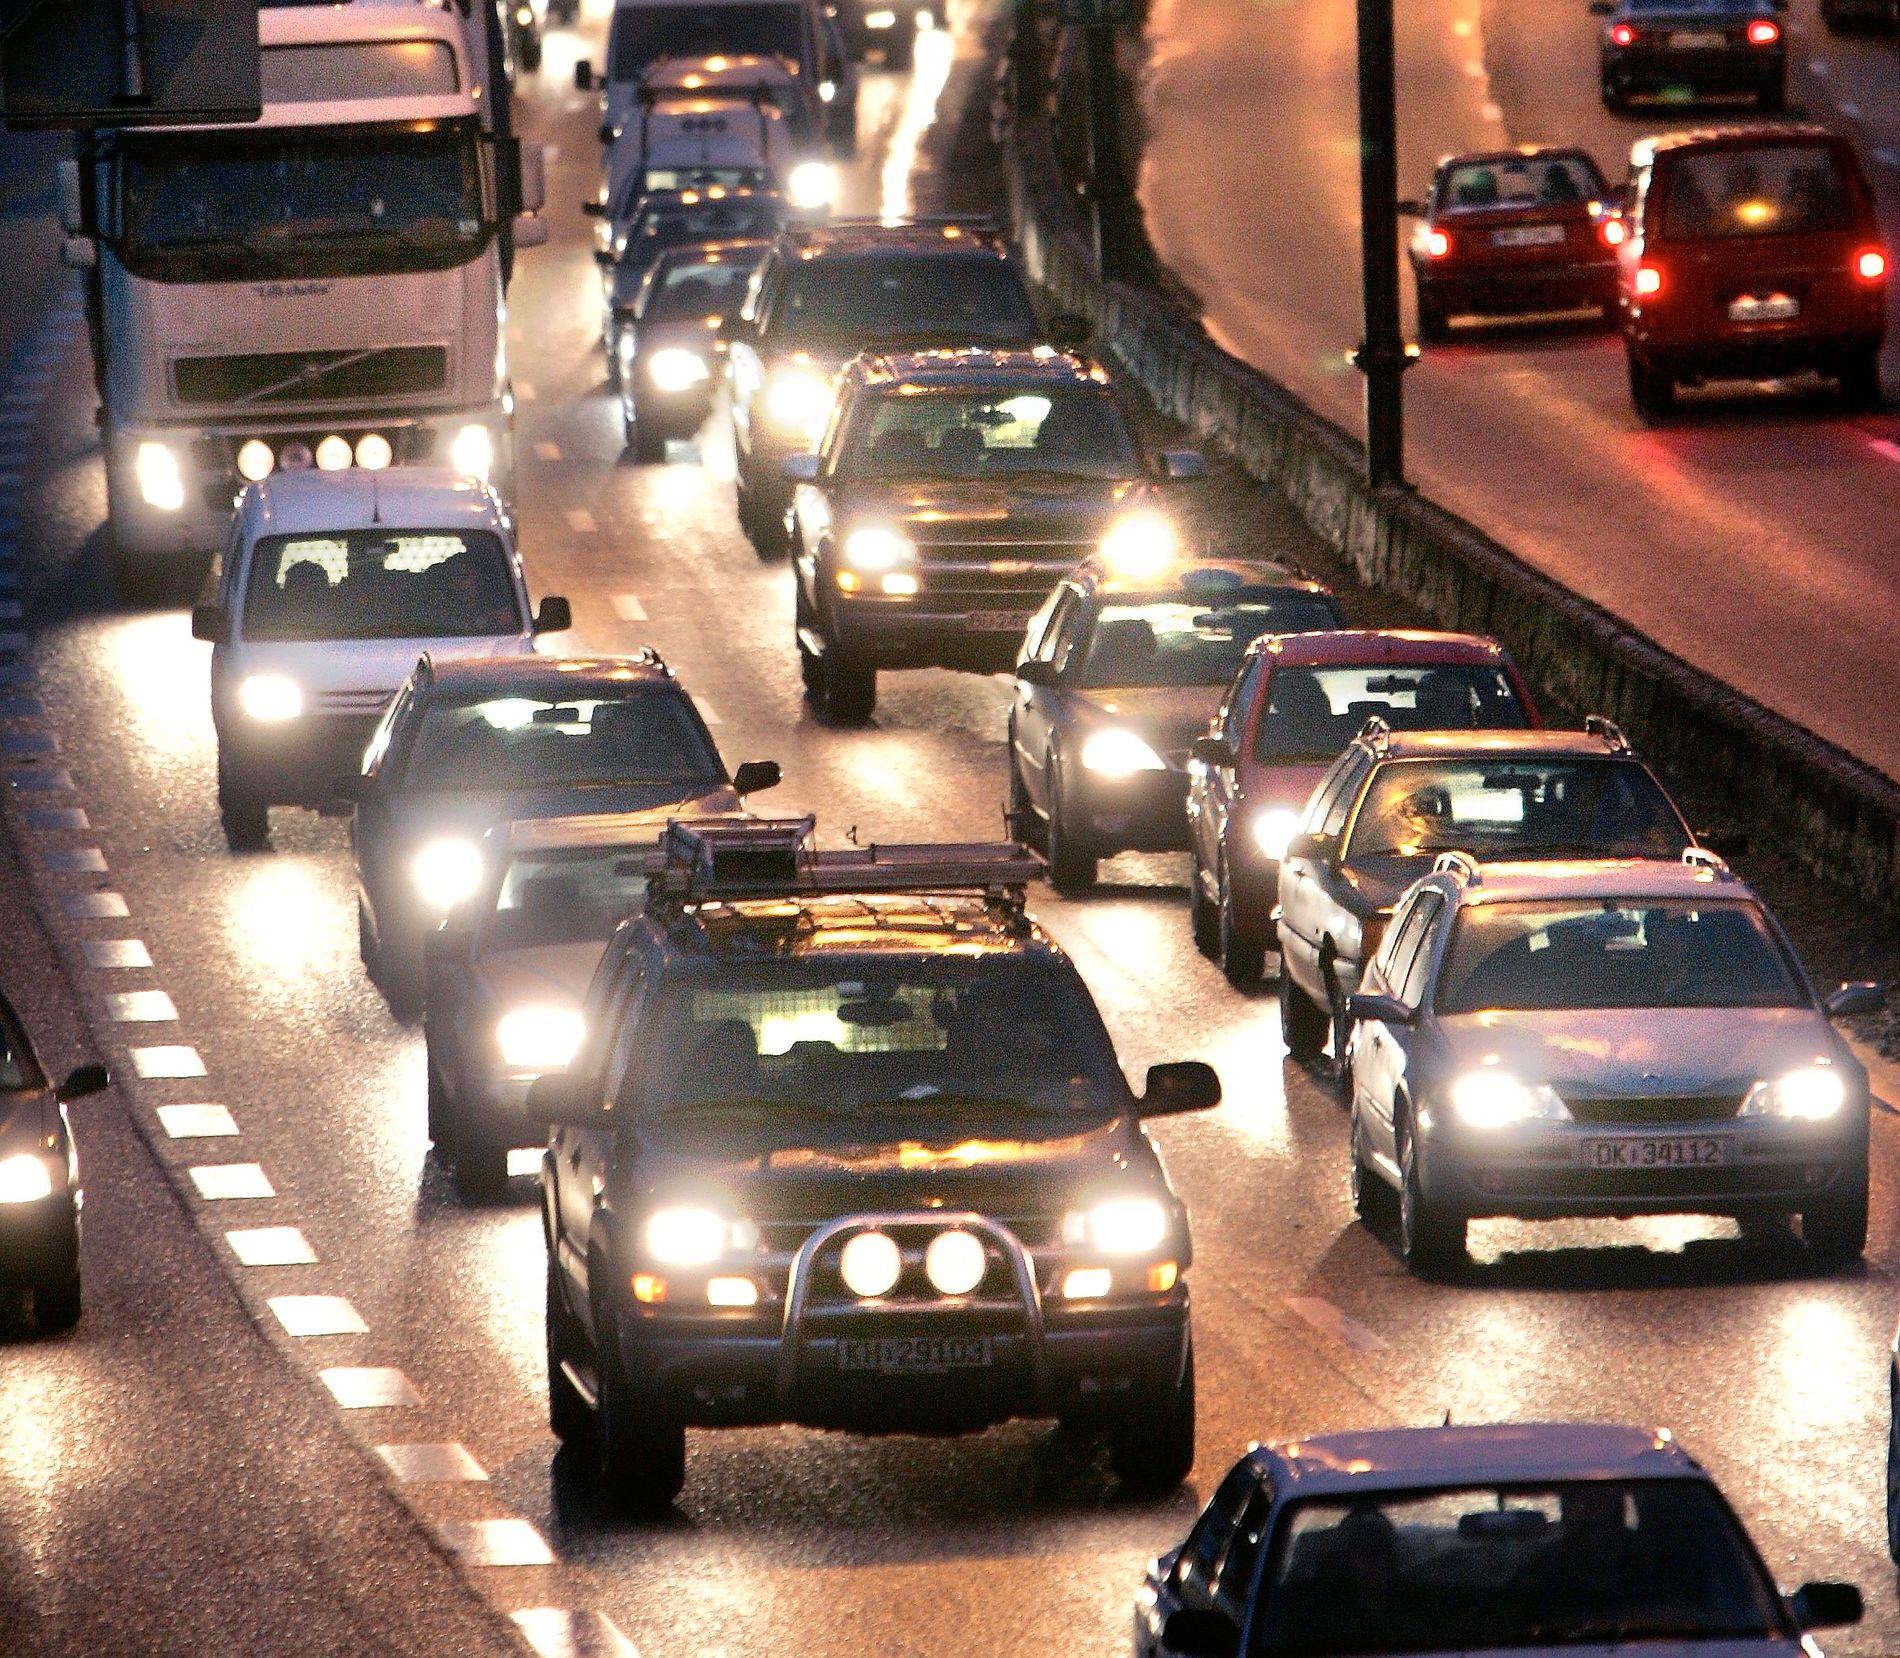 RUSHTRAFIKK: Bilkøer oppstår ofte ved Sandvika i Bærum inngående på E18-motorveien mot Oslo.